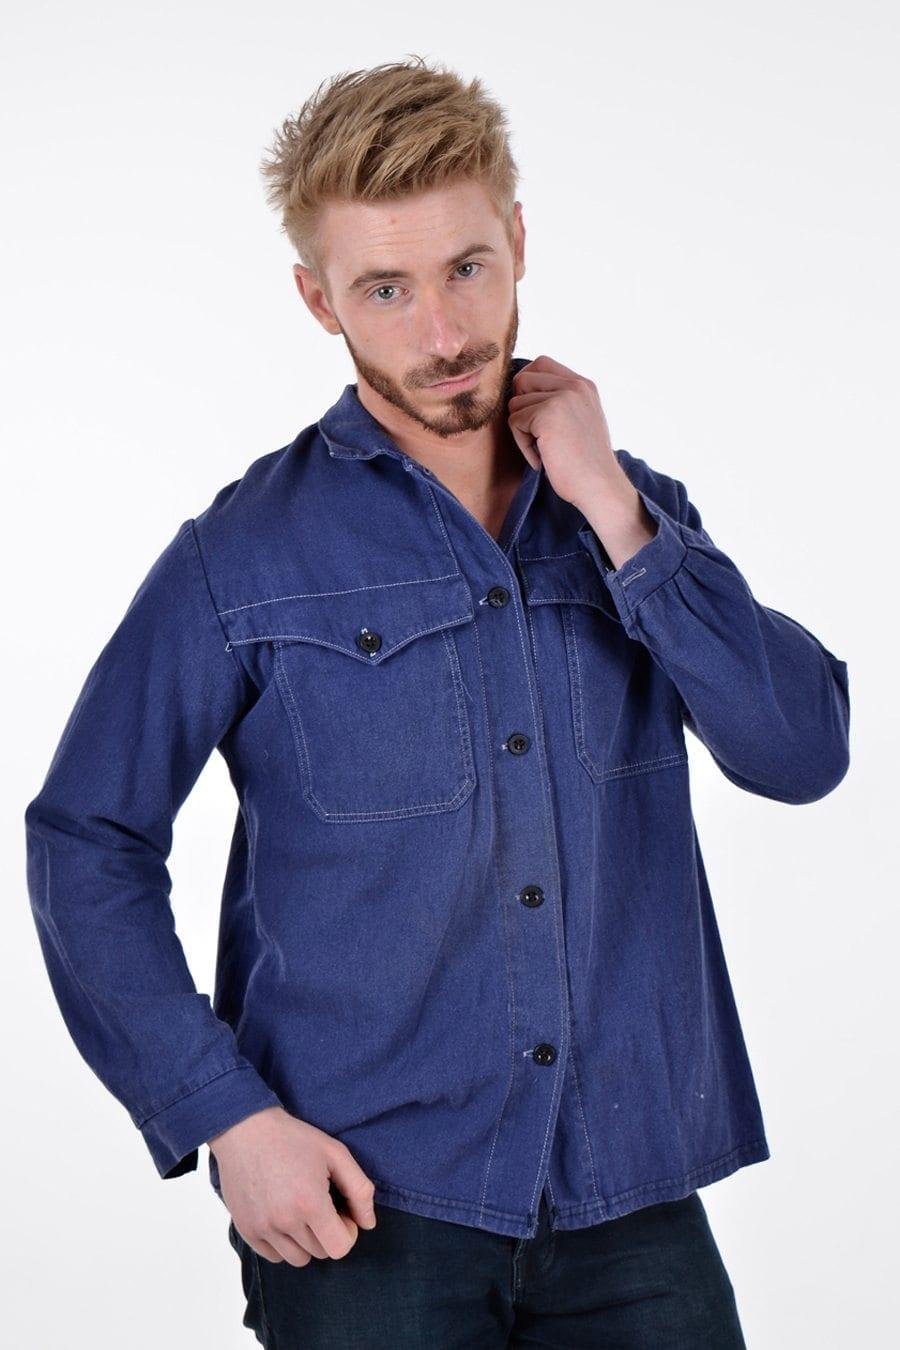 Vintage cotton chore jacket